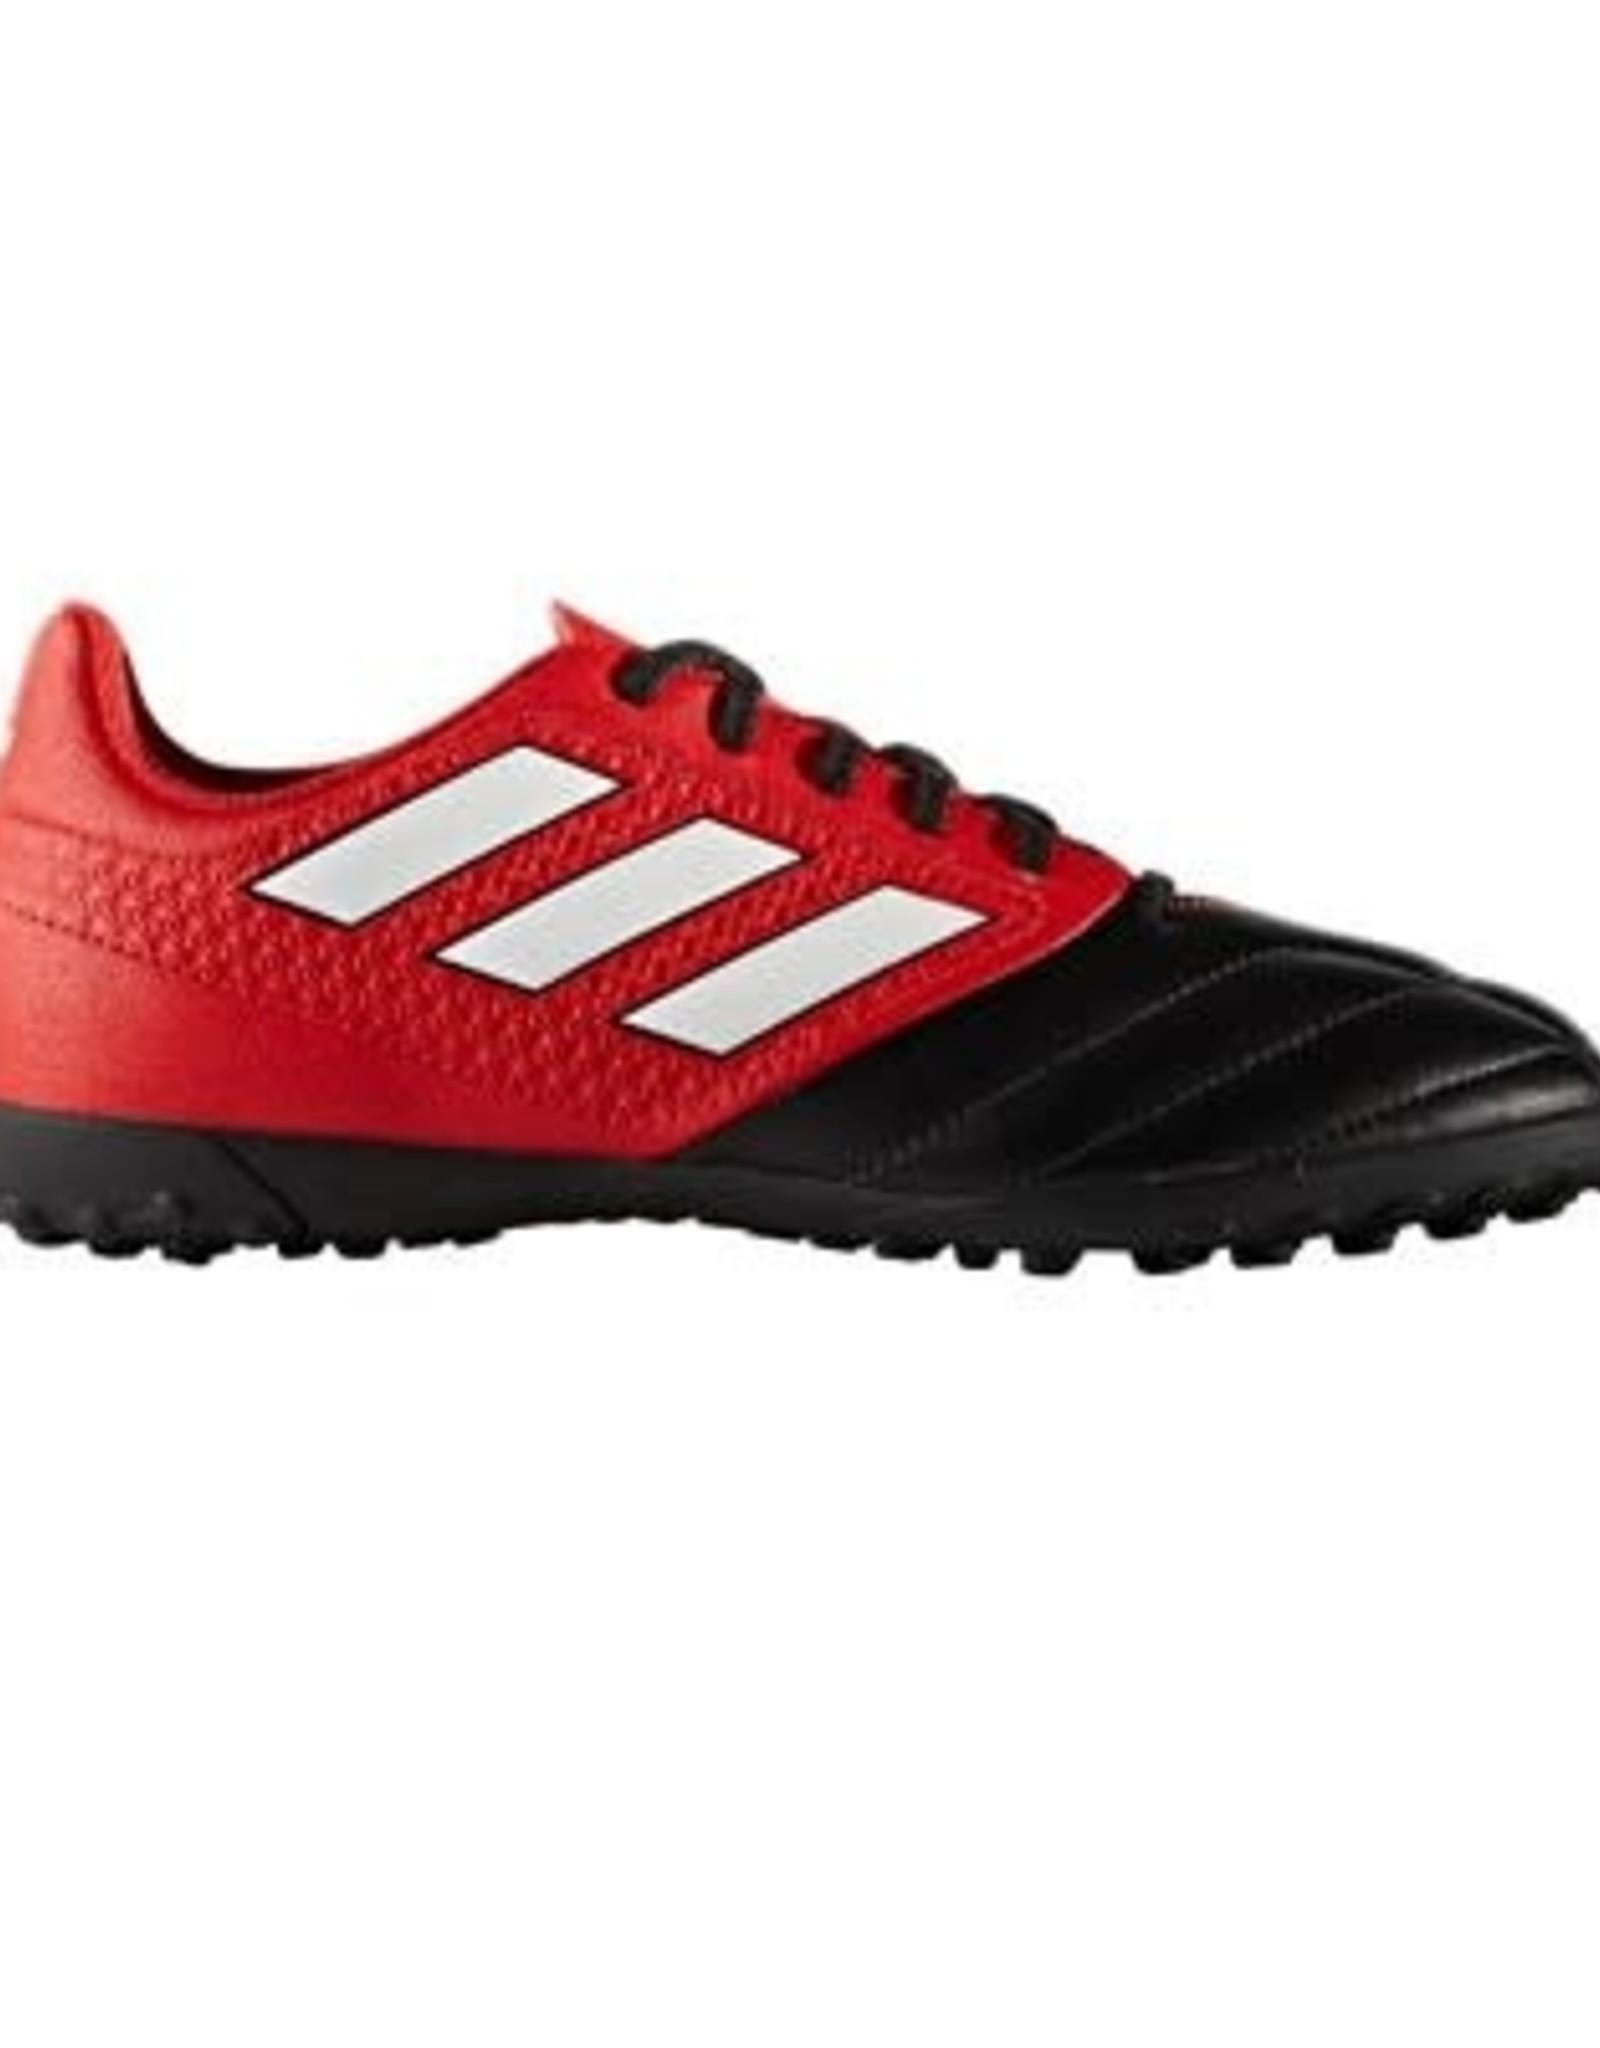 Adidas Nike Youth Ace 17.4 Turf